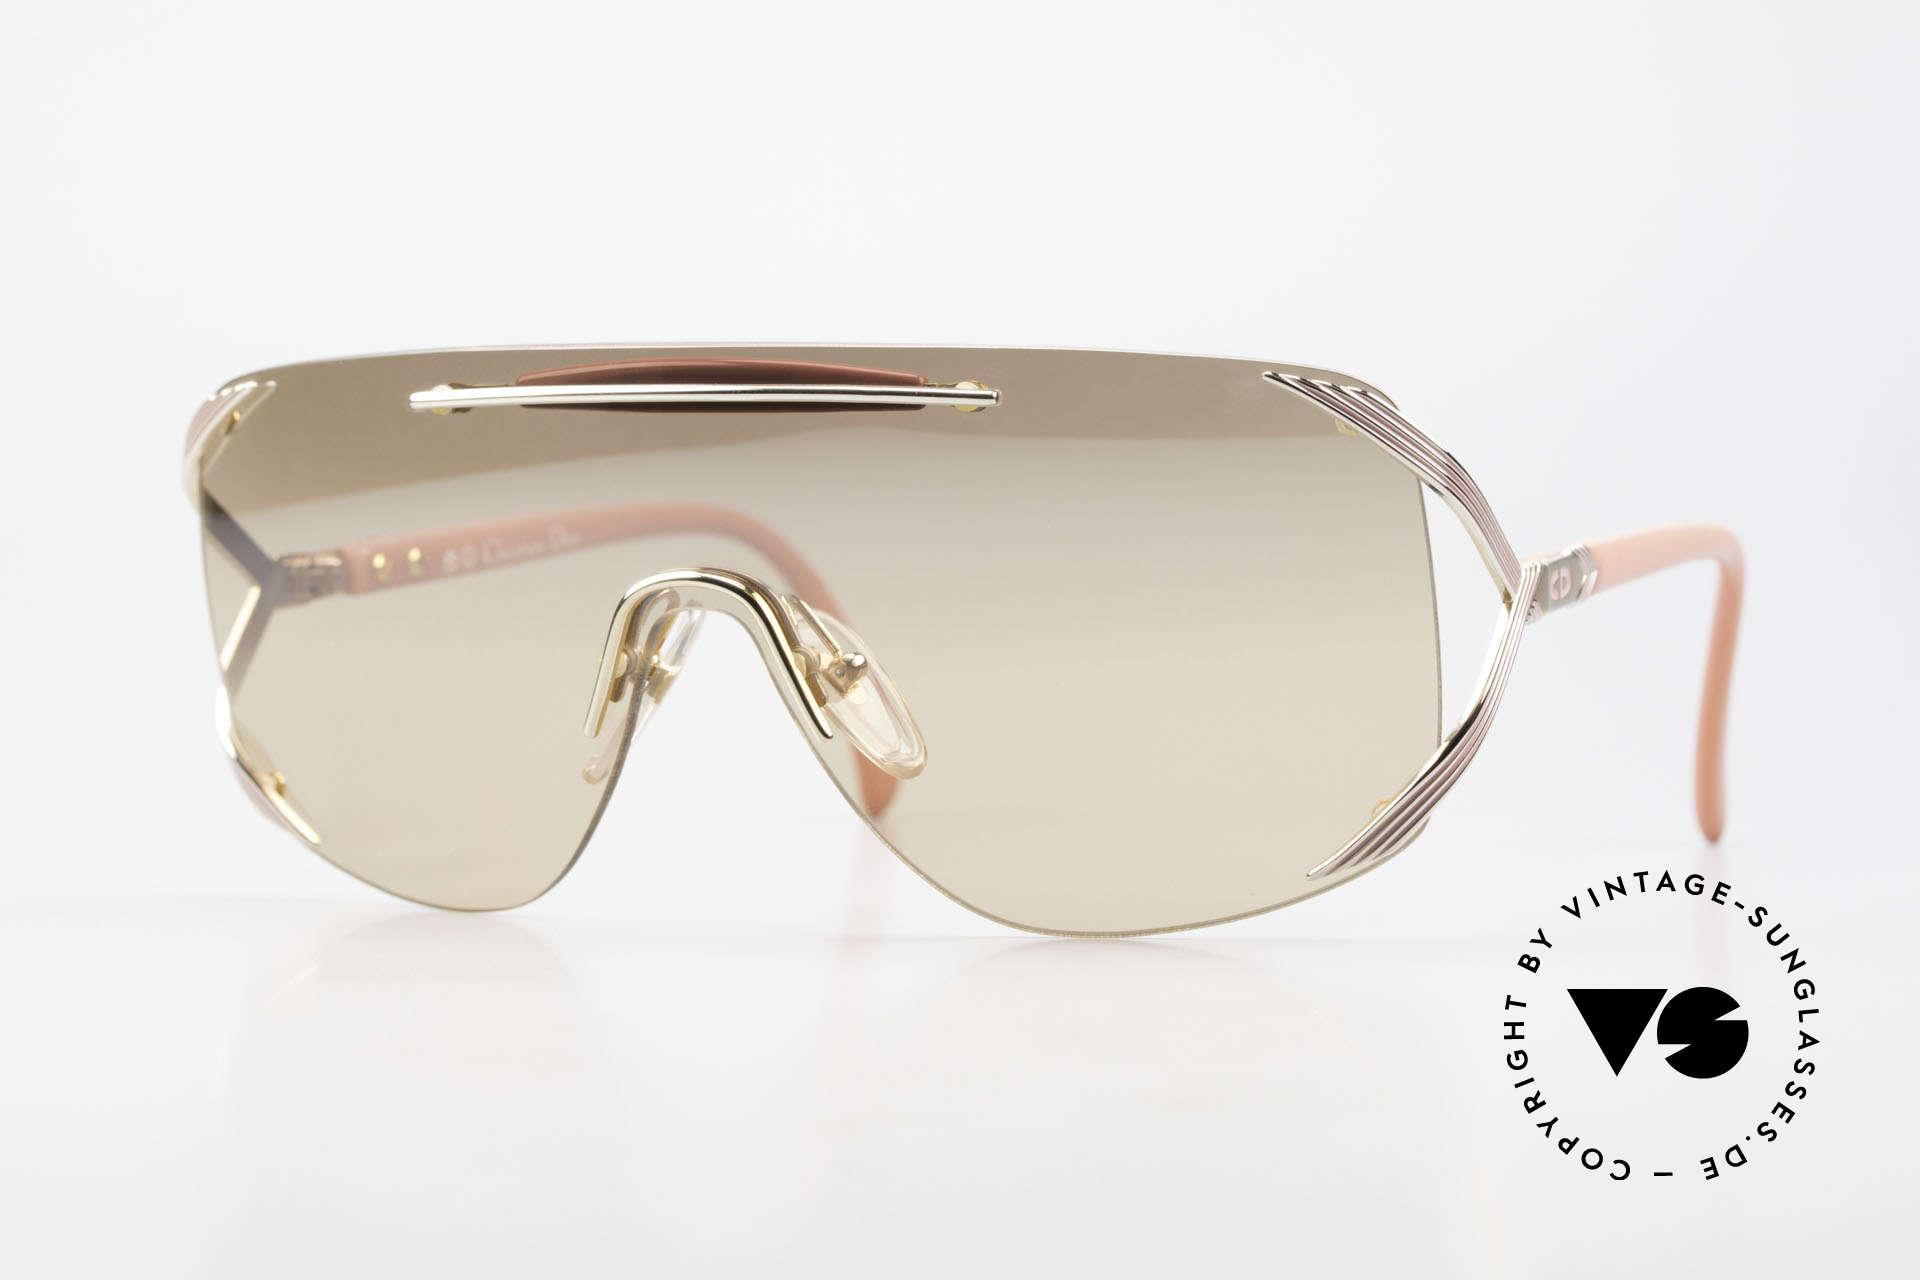 Christian Dior 2434 Leicht Pink Verspiegelte Brille, Christian Dior Designer-Sonnenbrille v. 1989/90, Passend für Damen